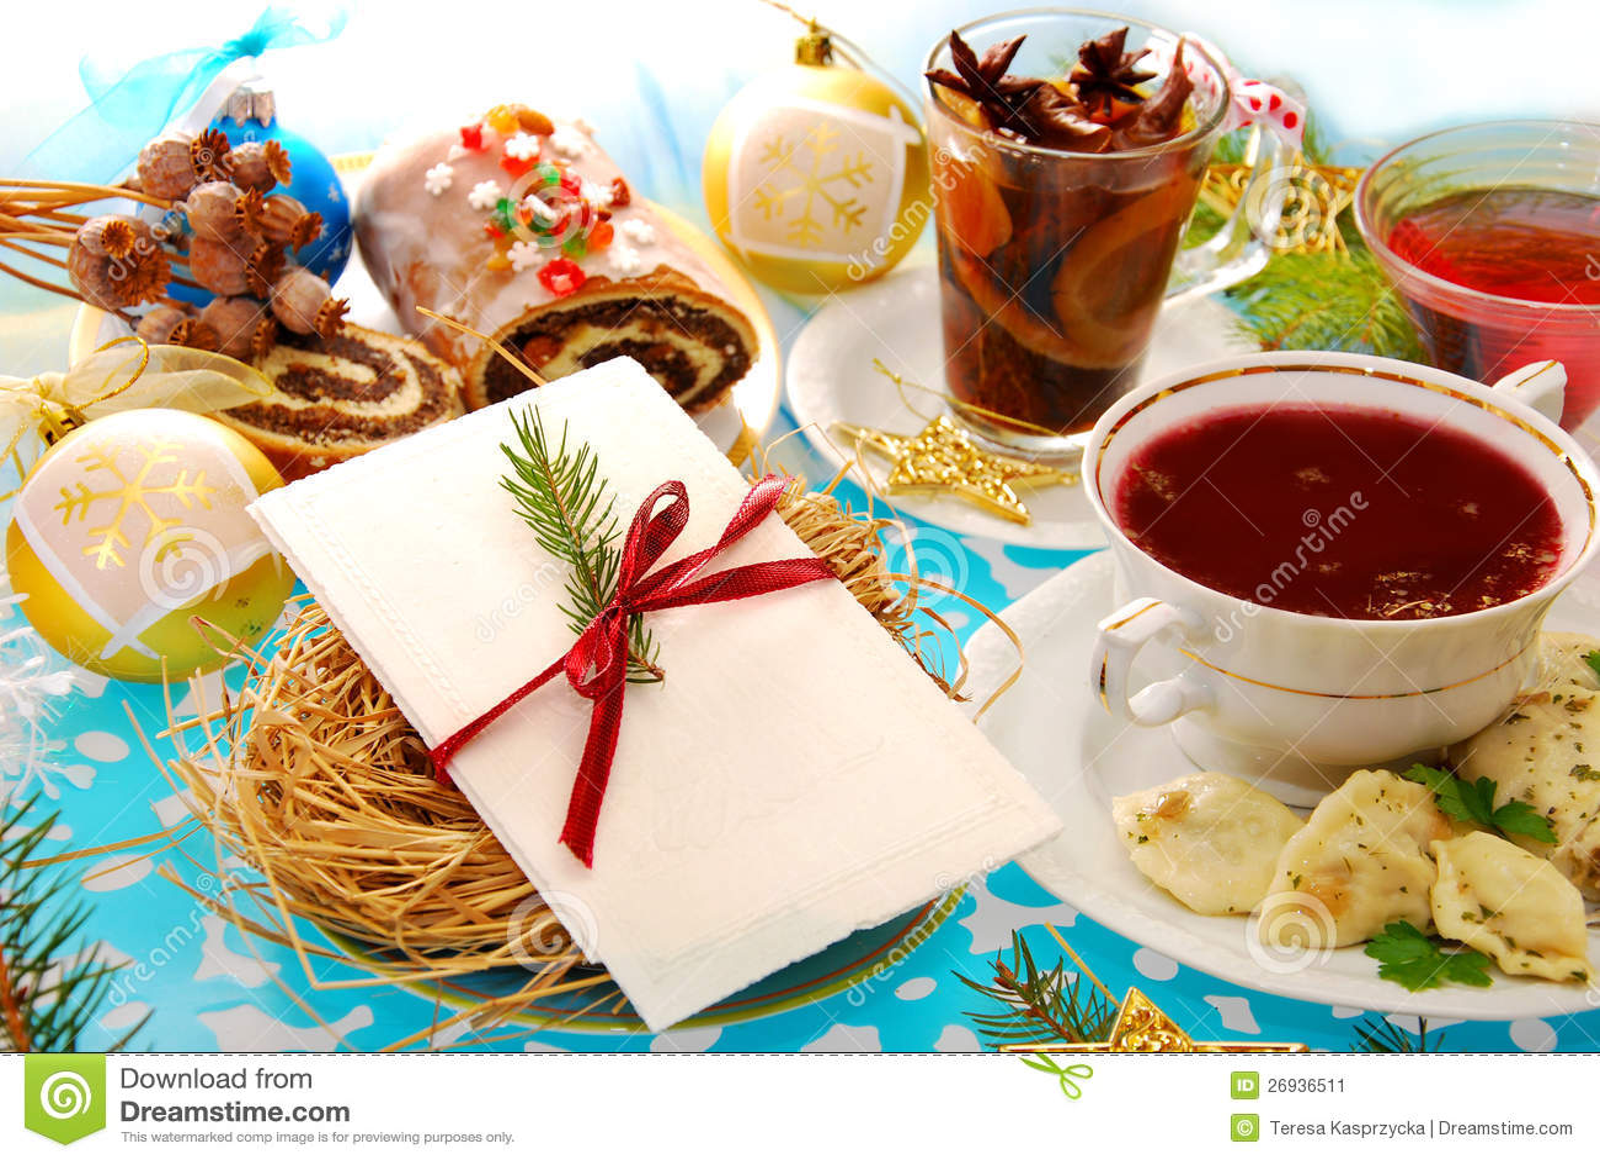 Oblea de la Nochebuena y platos tradicionales